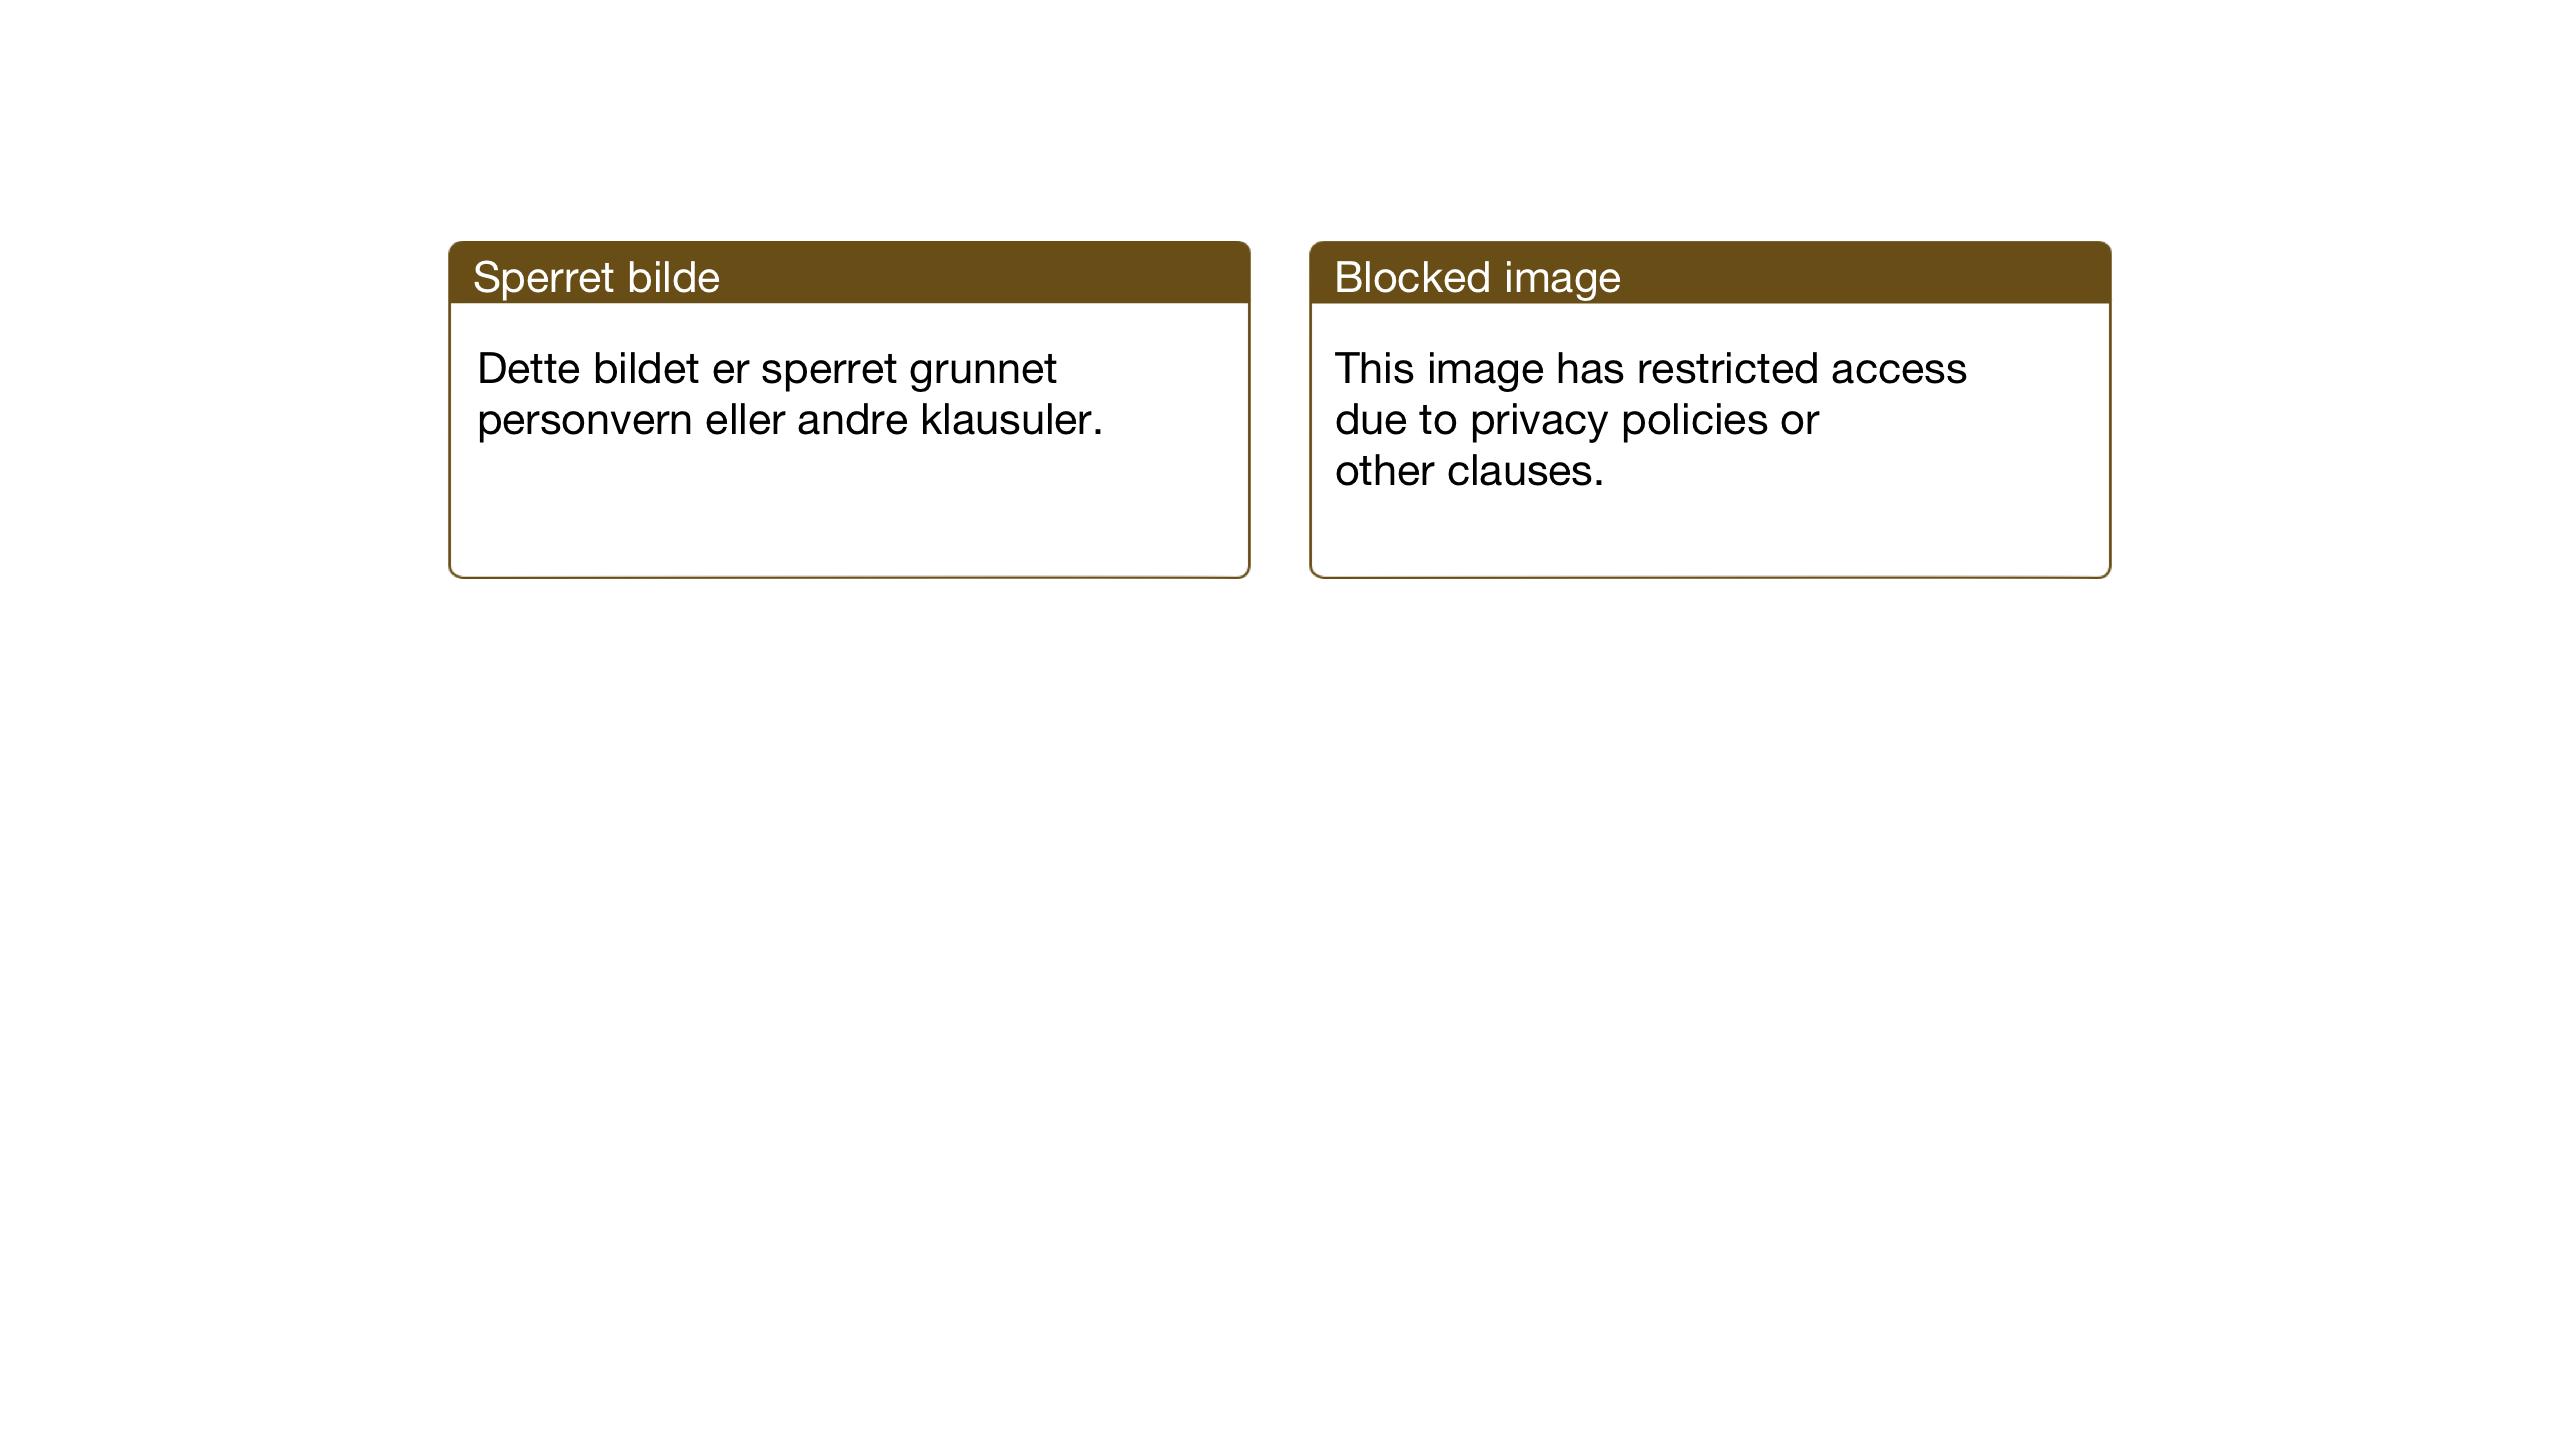 SAT, Ministerialprotokoller, klokkerbøker og fødselsregistre - Nord-Trøndelag, 710/L0097: Klokkerbok nr. 710C02, 1925-1955, s. 43